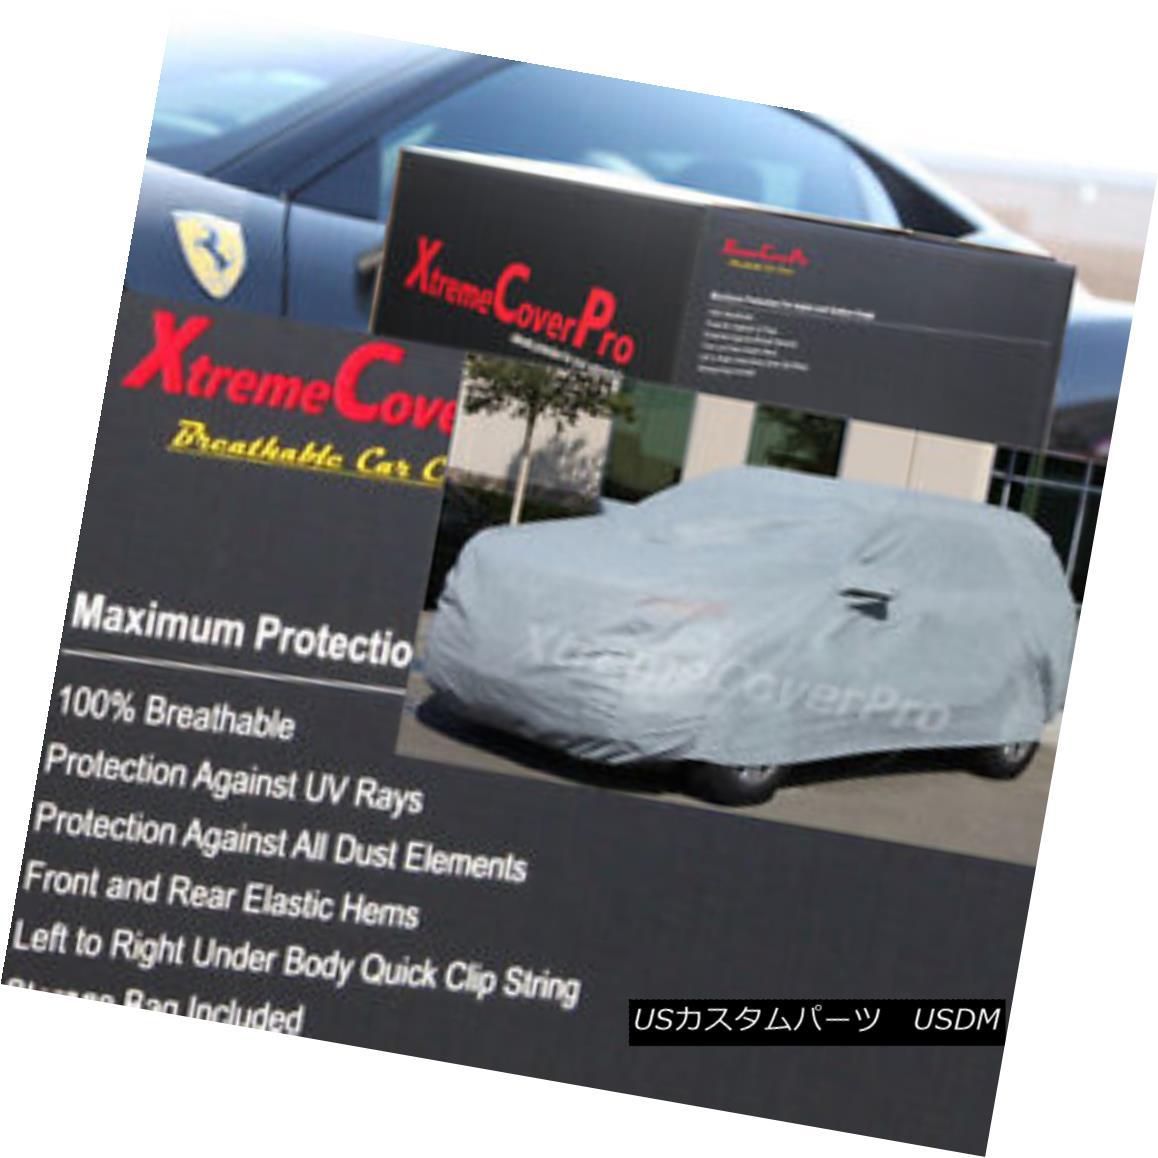 カーカバー 2013 Mitsubishi Outlander Breathable Car Cover w/MirrorPocket 2013年三菱アウトランダー通気性カーカバー付き(MirrorPocket)